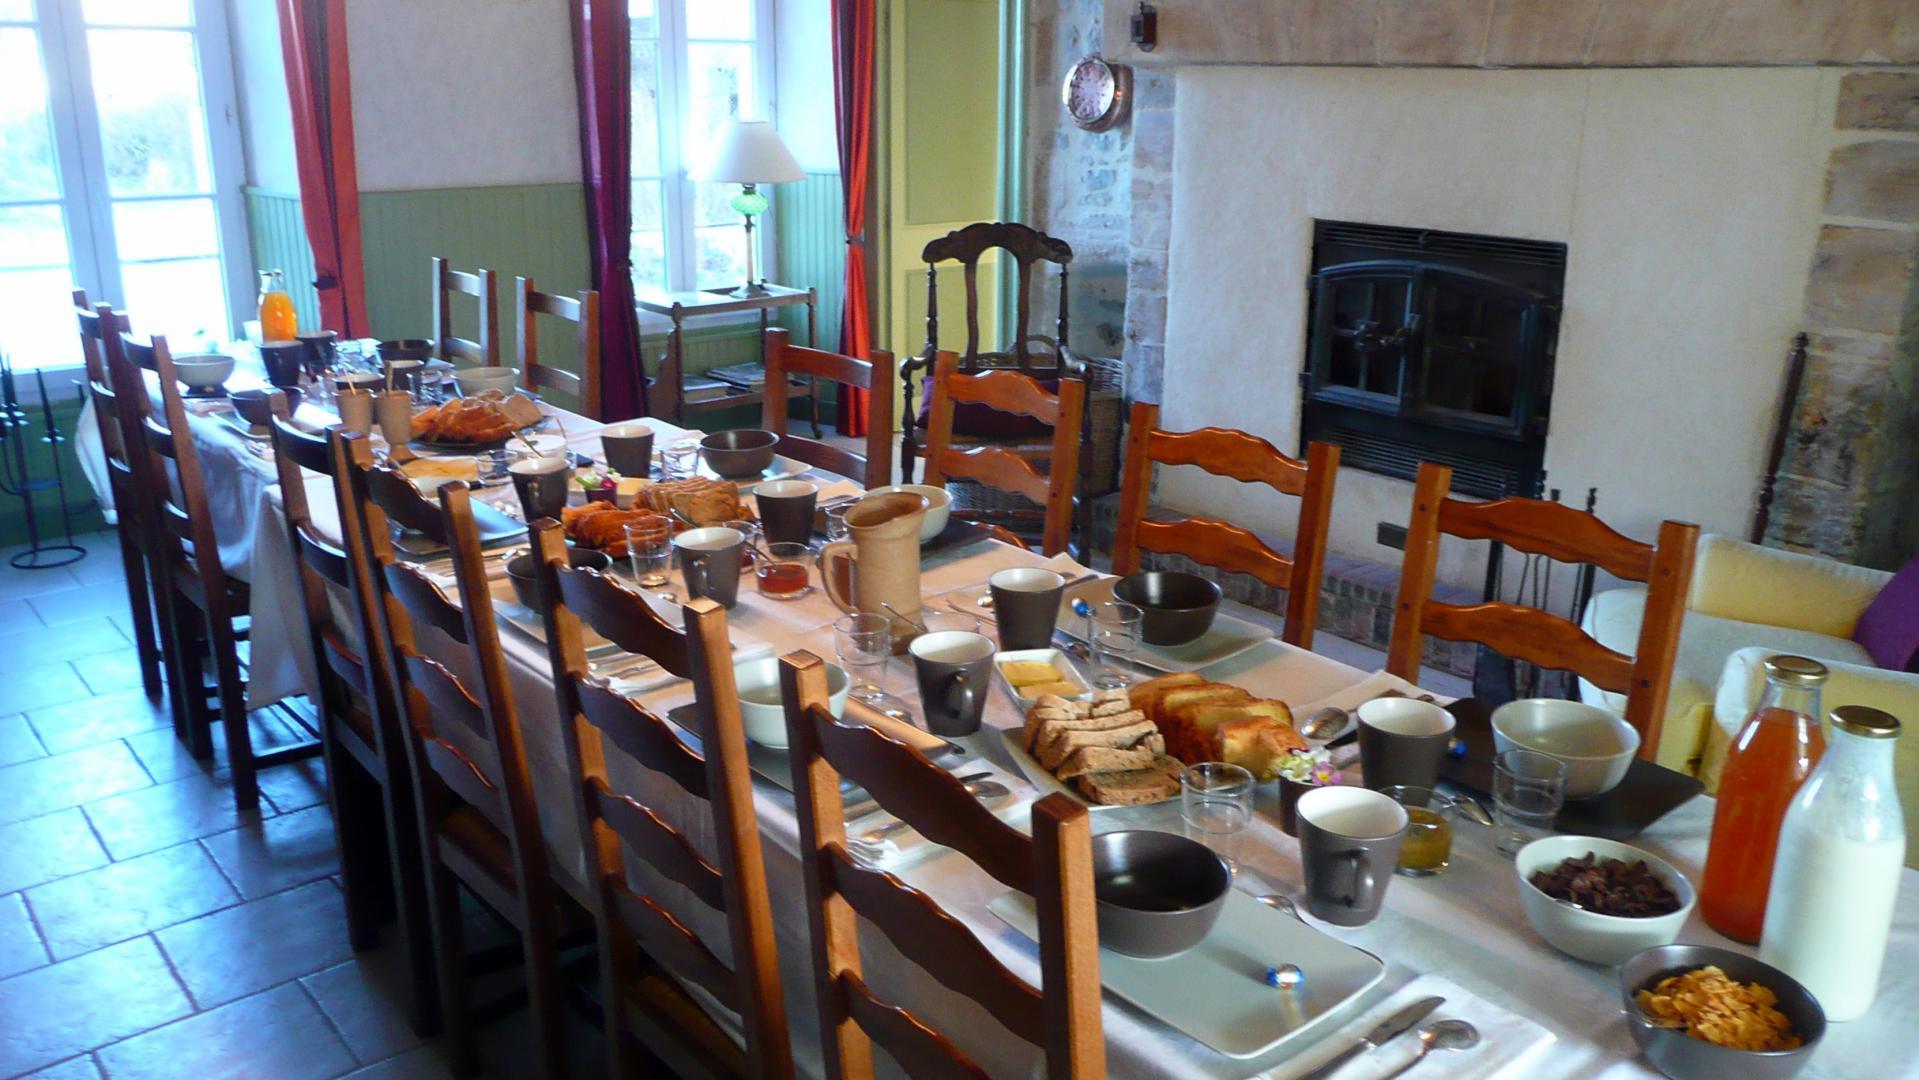 Petit déjeuner dans la maison d'hôtes